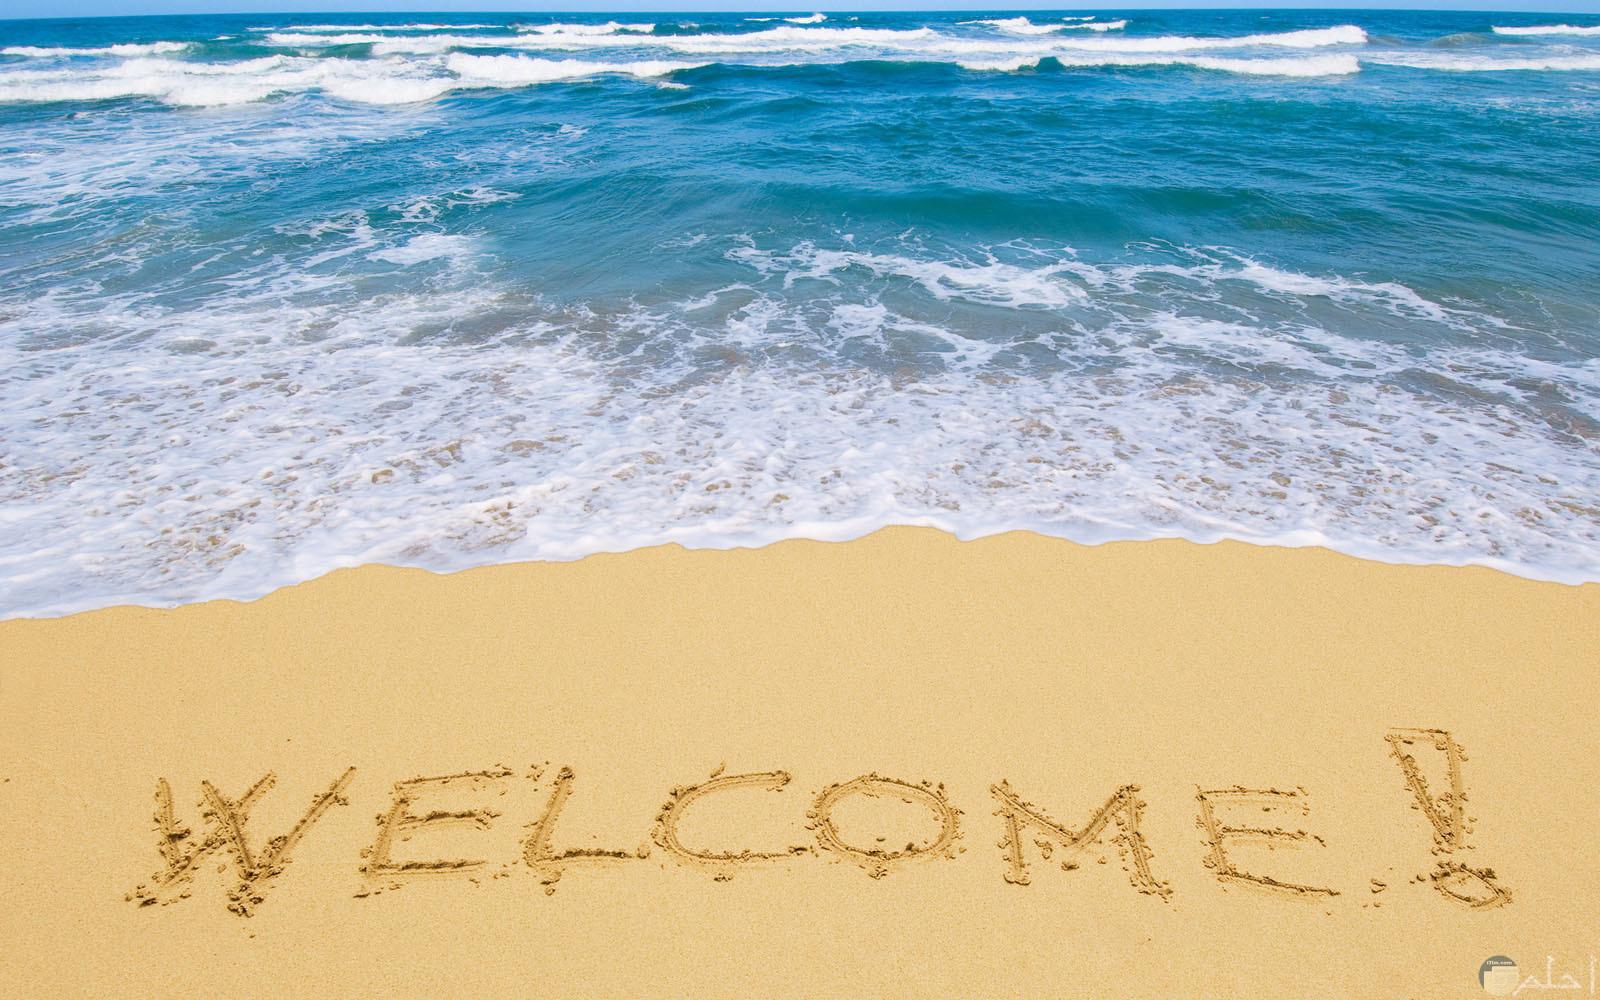 شاطئ بحر ورمال مكتوب عليها مرحبا